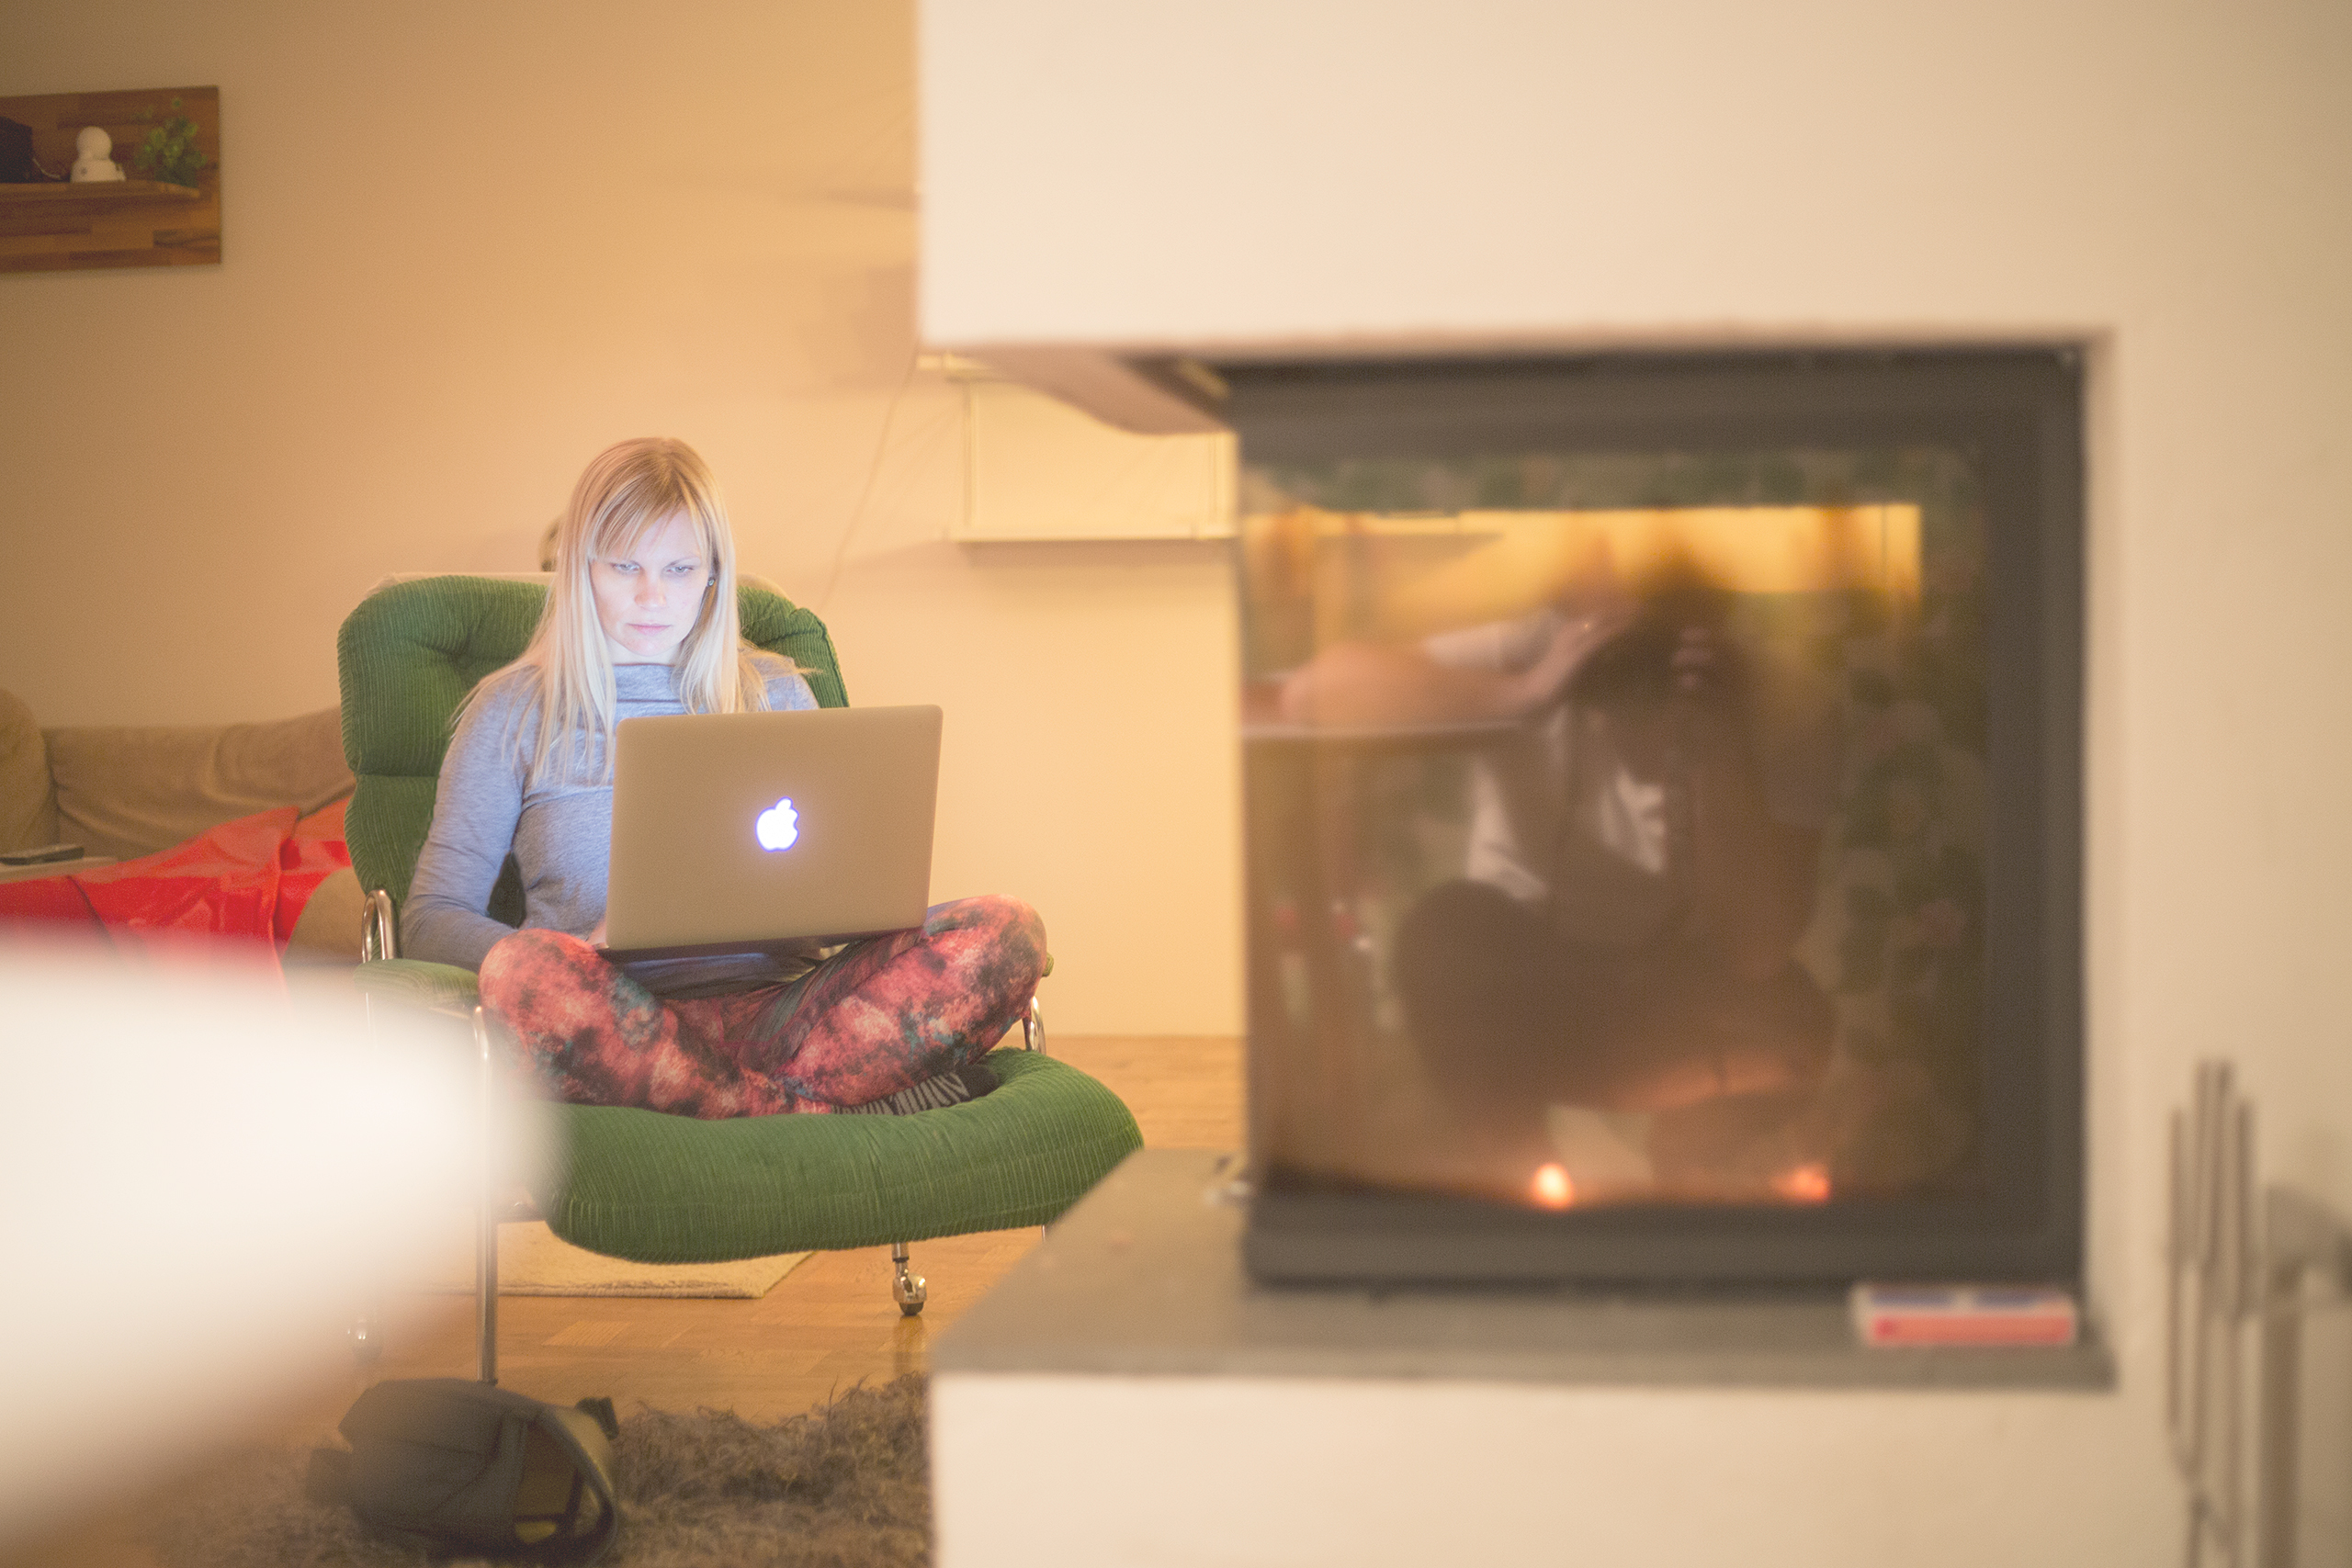 <!--:sv-->Förändring och office-romantik<!--:-->